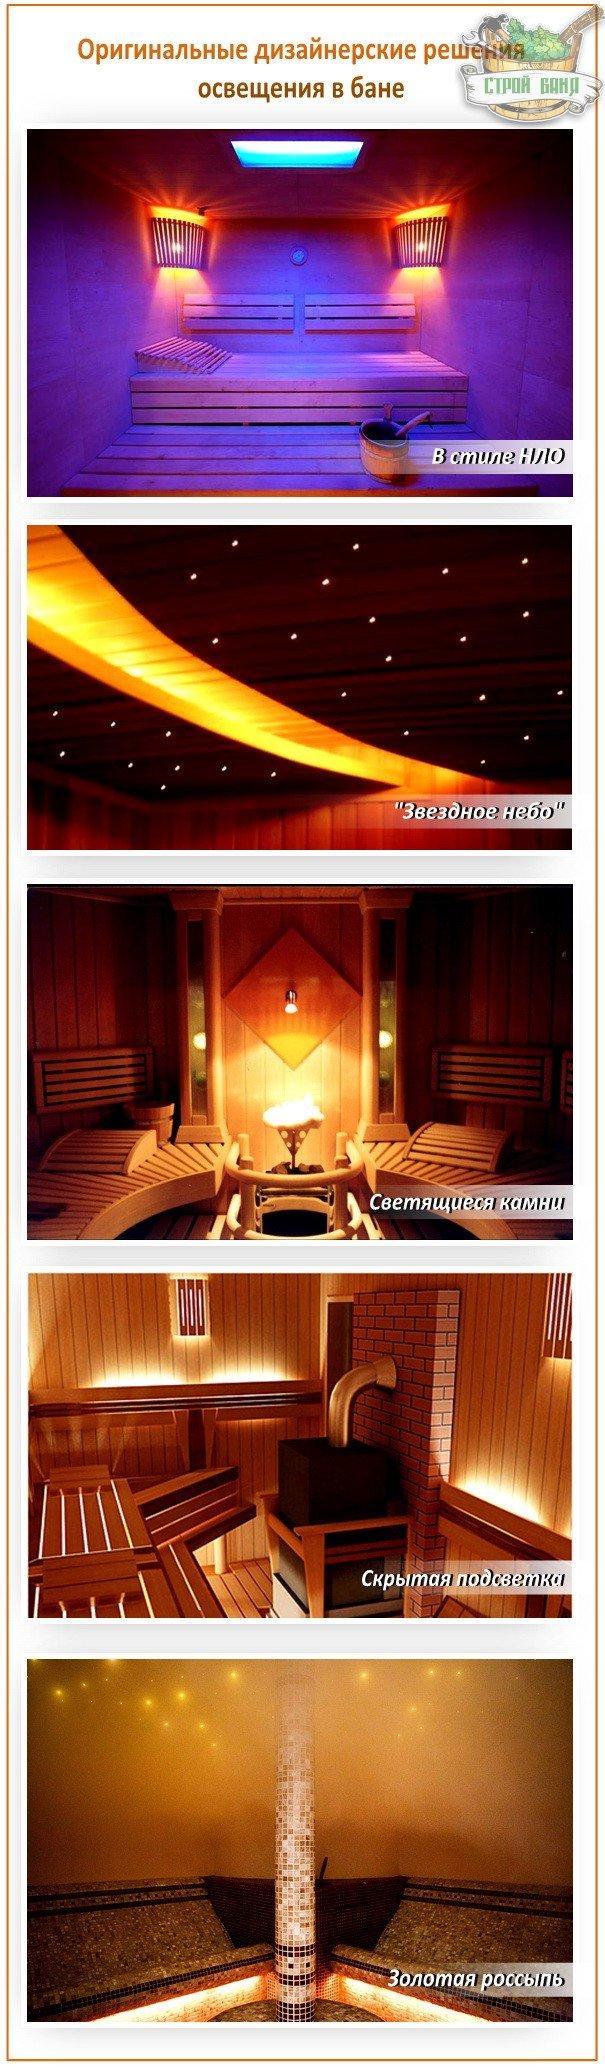 Модные стили освещения в бане